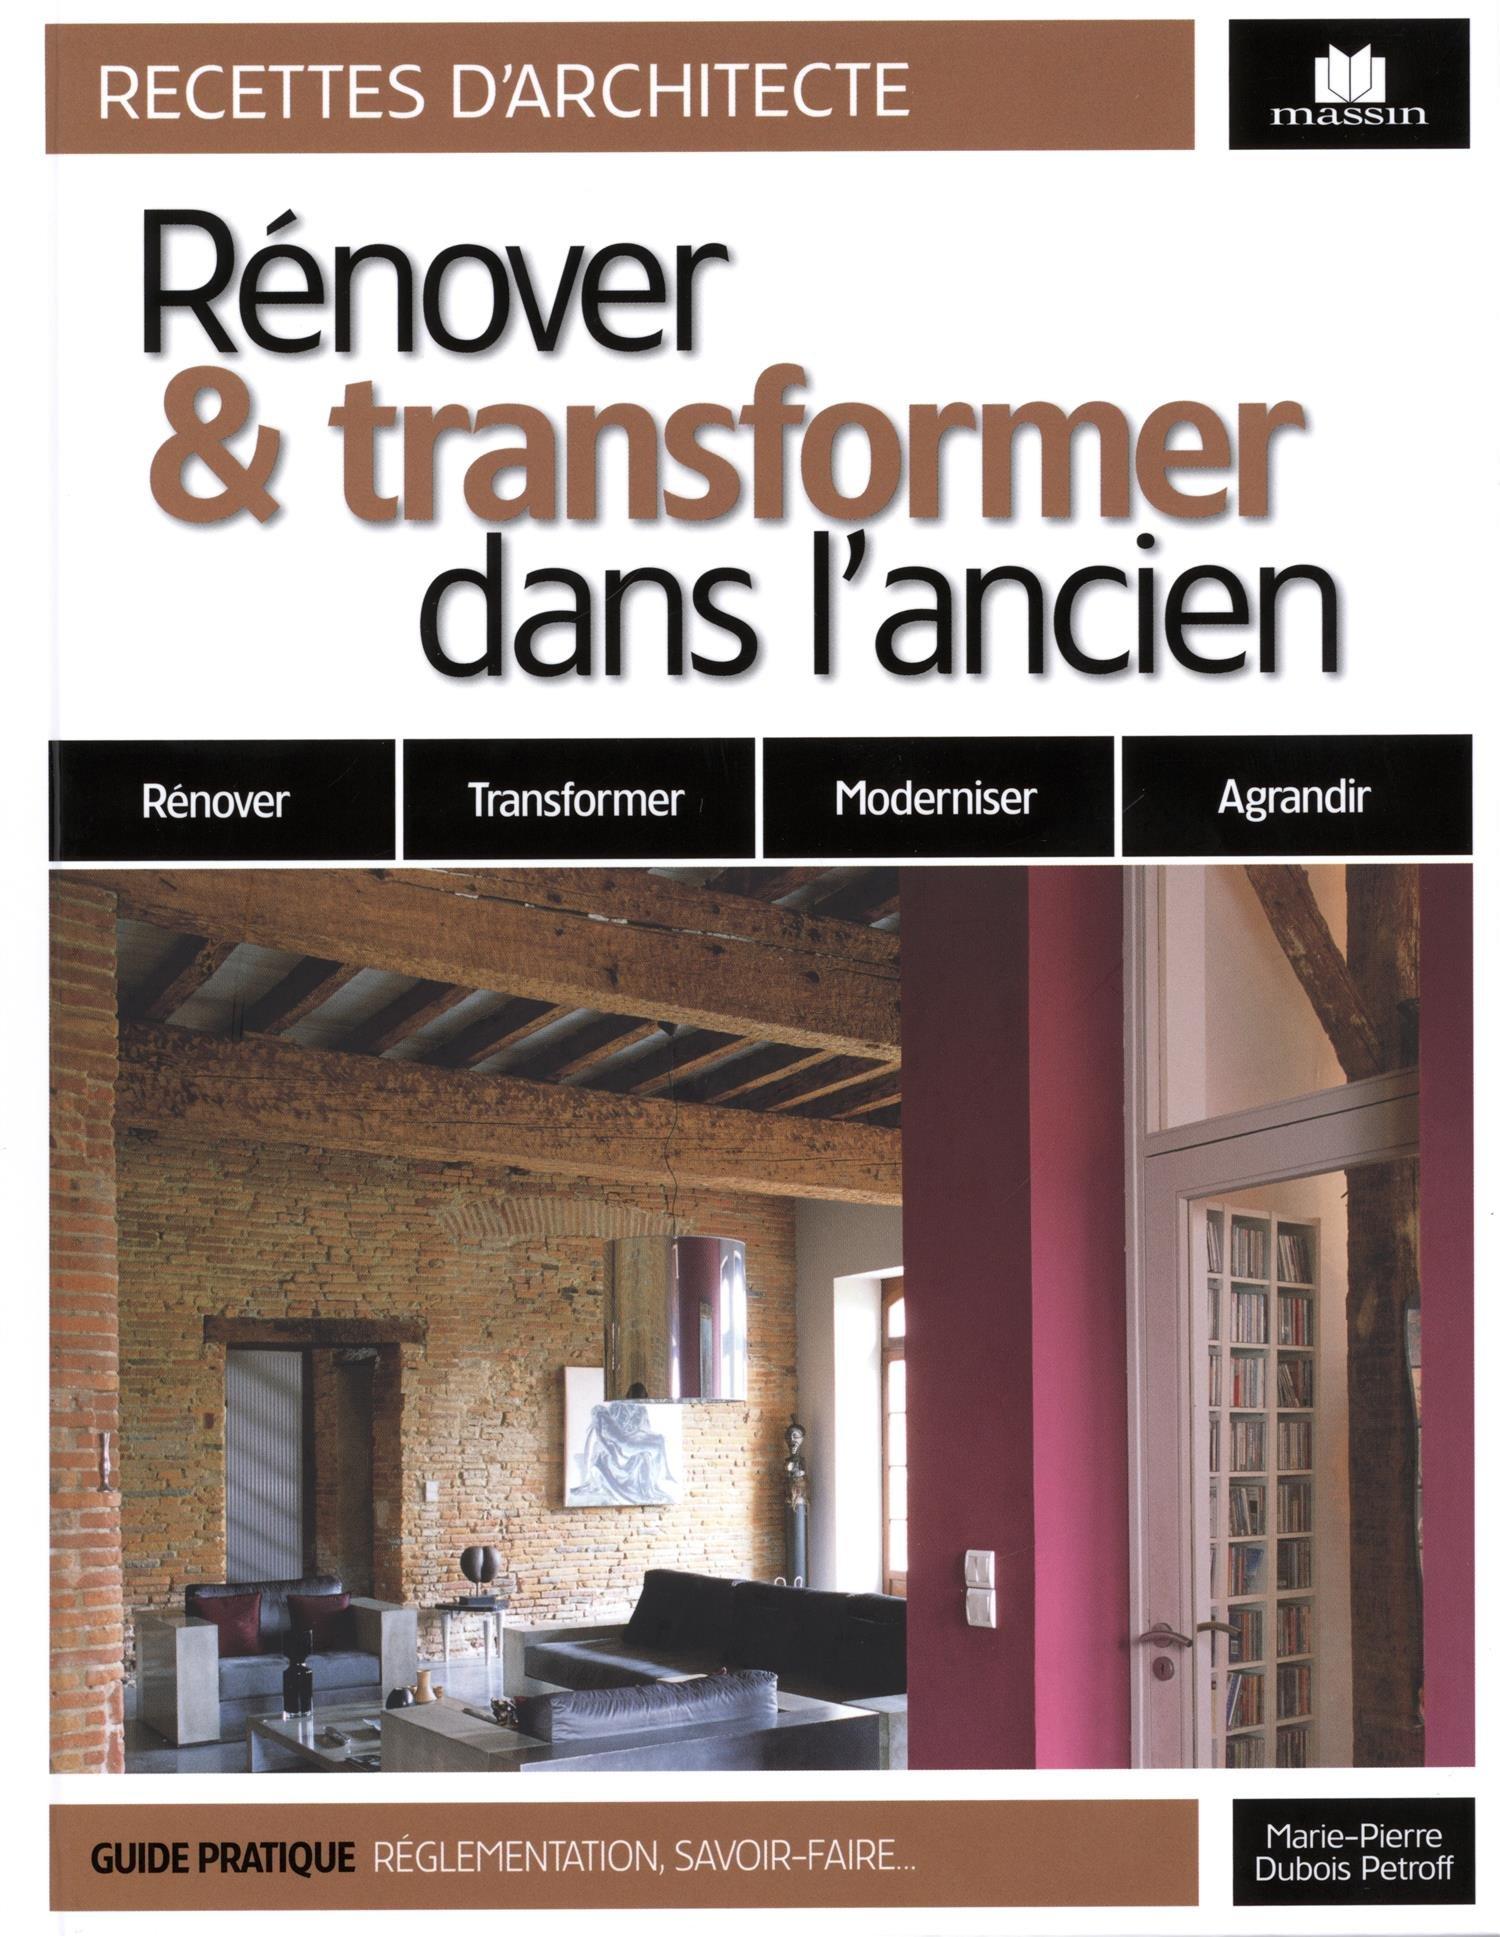 renover sa maison gratuitement.html